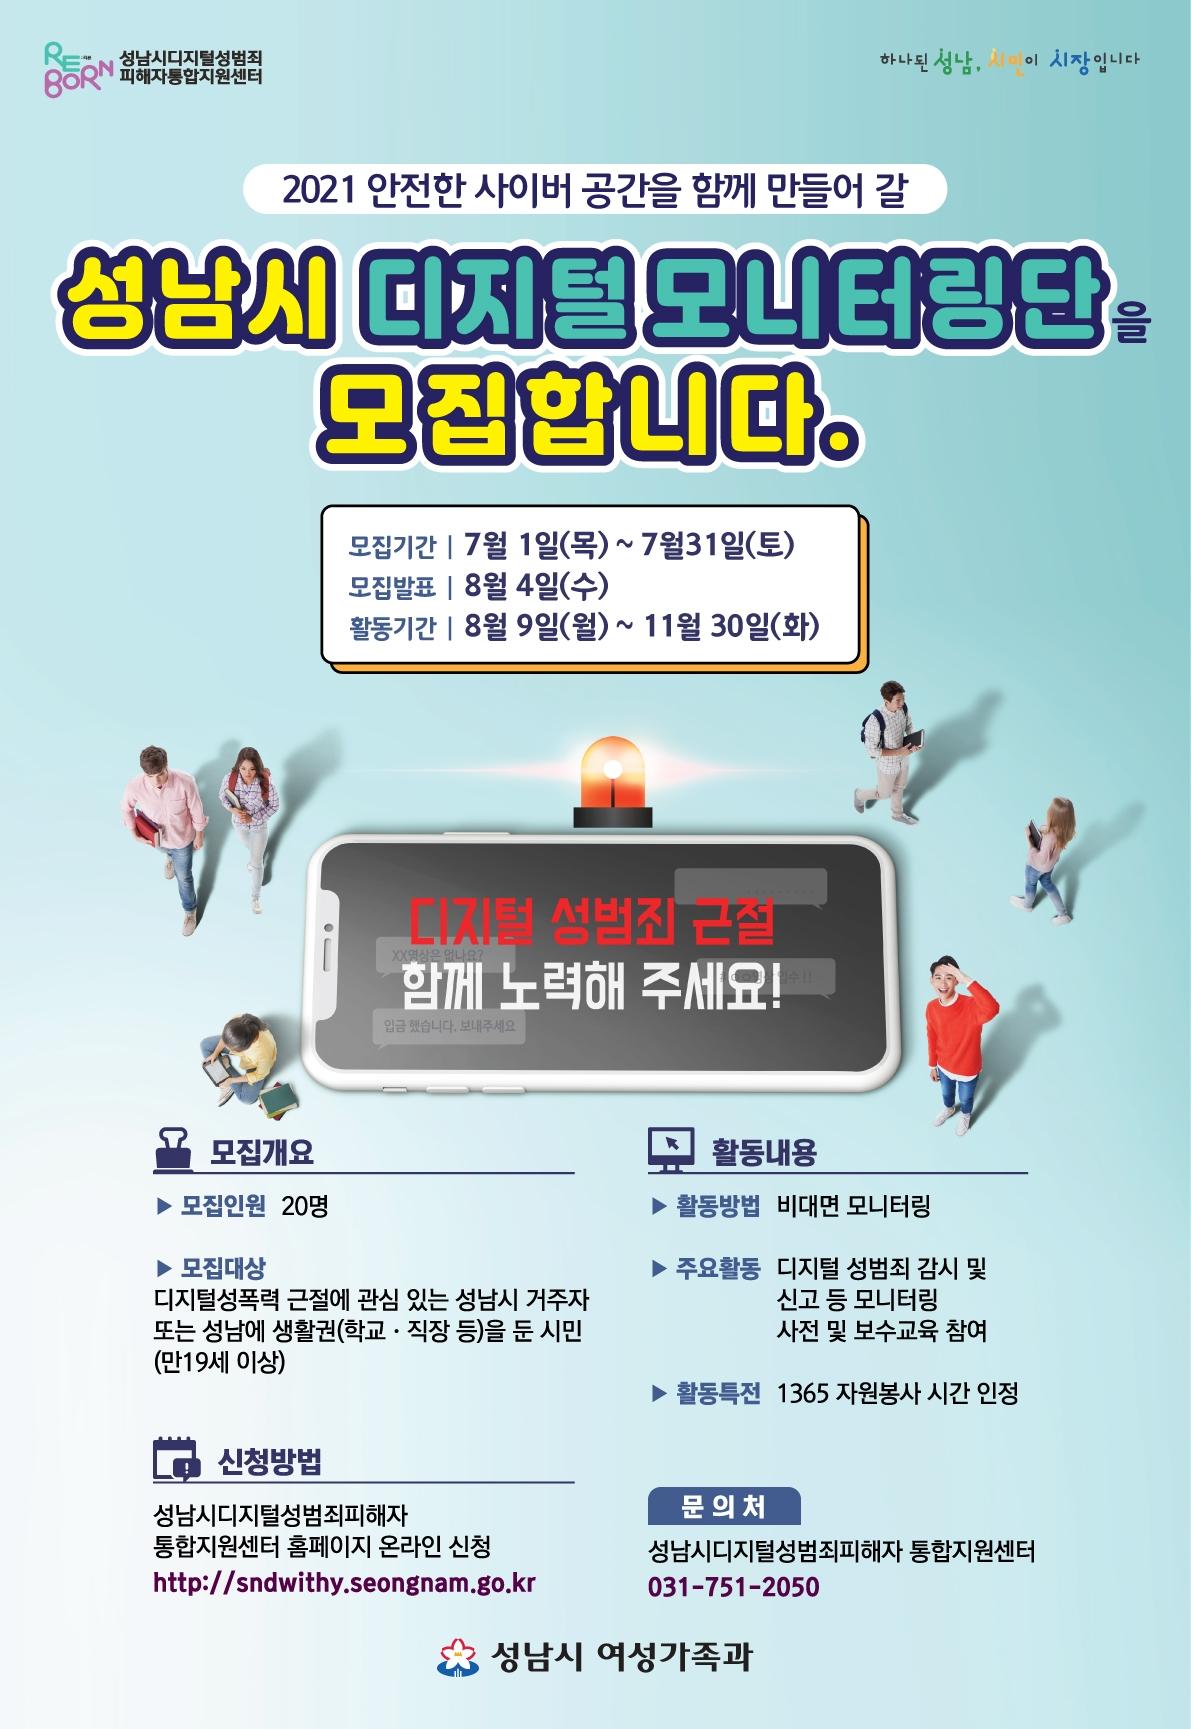 2021-성남디지털모니터링단-모집-웹자보_날짜연장(2).jpg